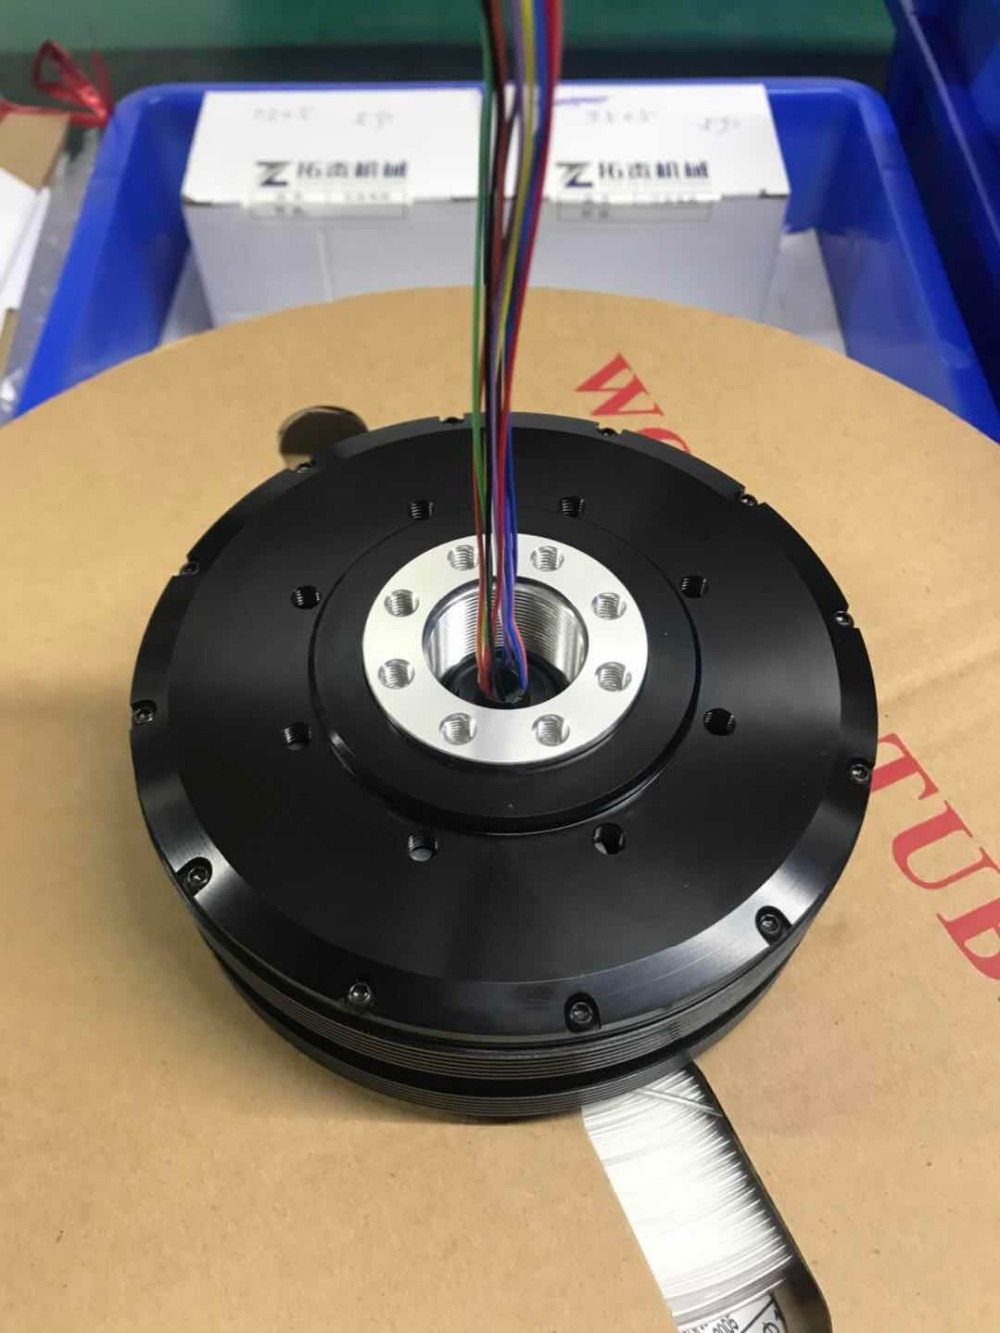 GB120 карданный двигатель с AS5048a encorder скольжения кольцо для AlexMos датчик 32bit BGC Pro gimbal контроллер красный MOVI gimbal 20 30kgs